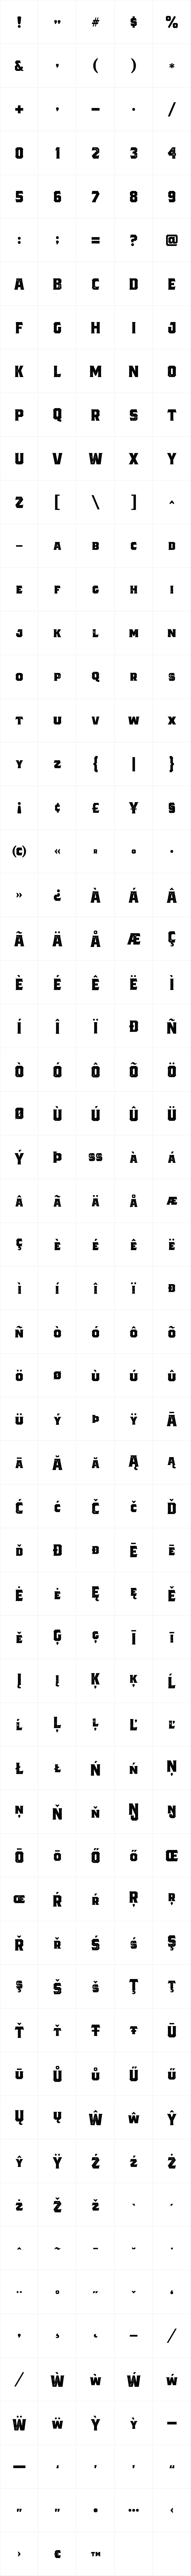 Bartender Bold Serif Letterpress